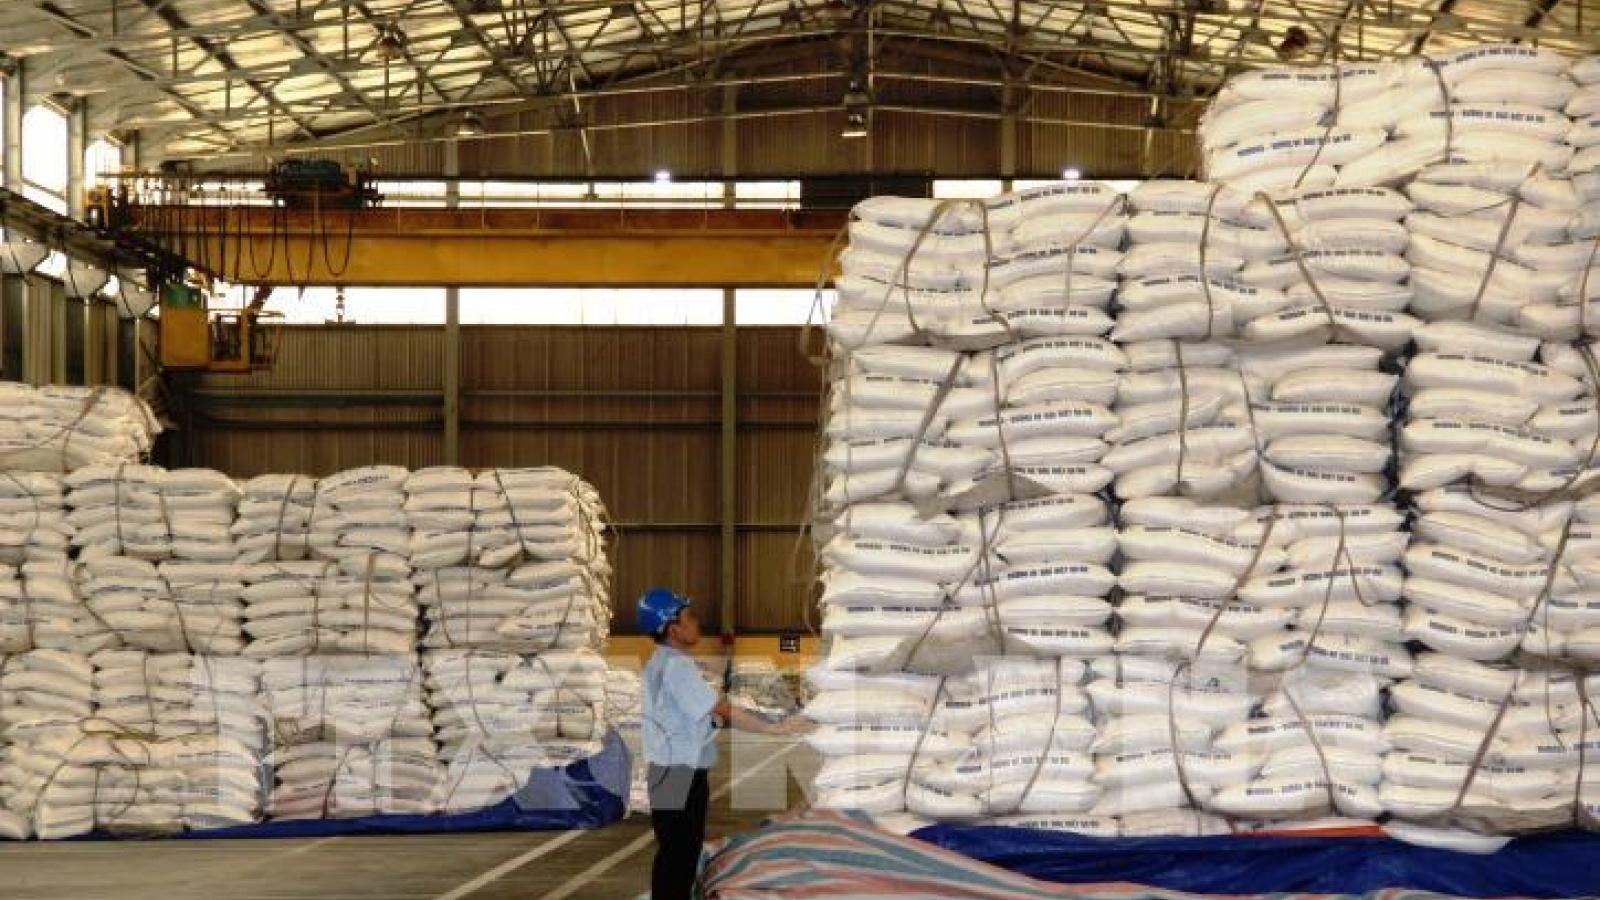 Lượng hạn ngạch thuế quan nhập khẩu đường đấu giá thí điểm năm 2021 là 108.000 tấn